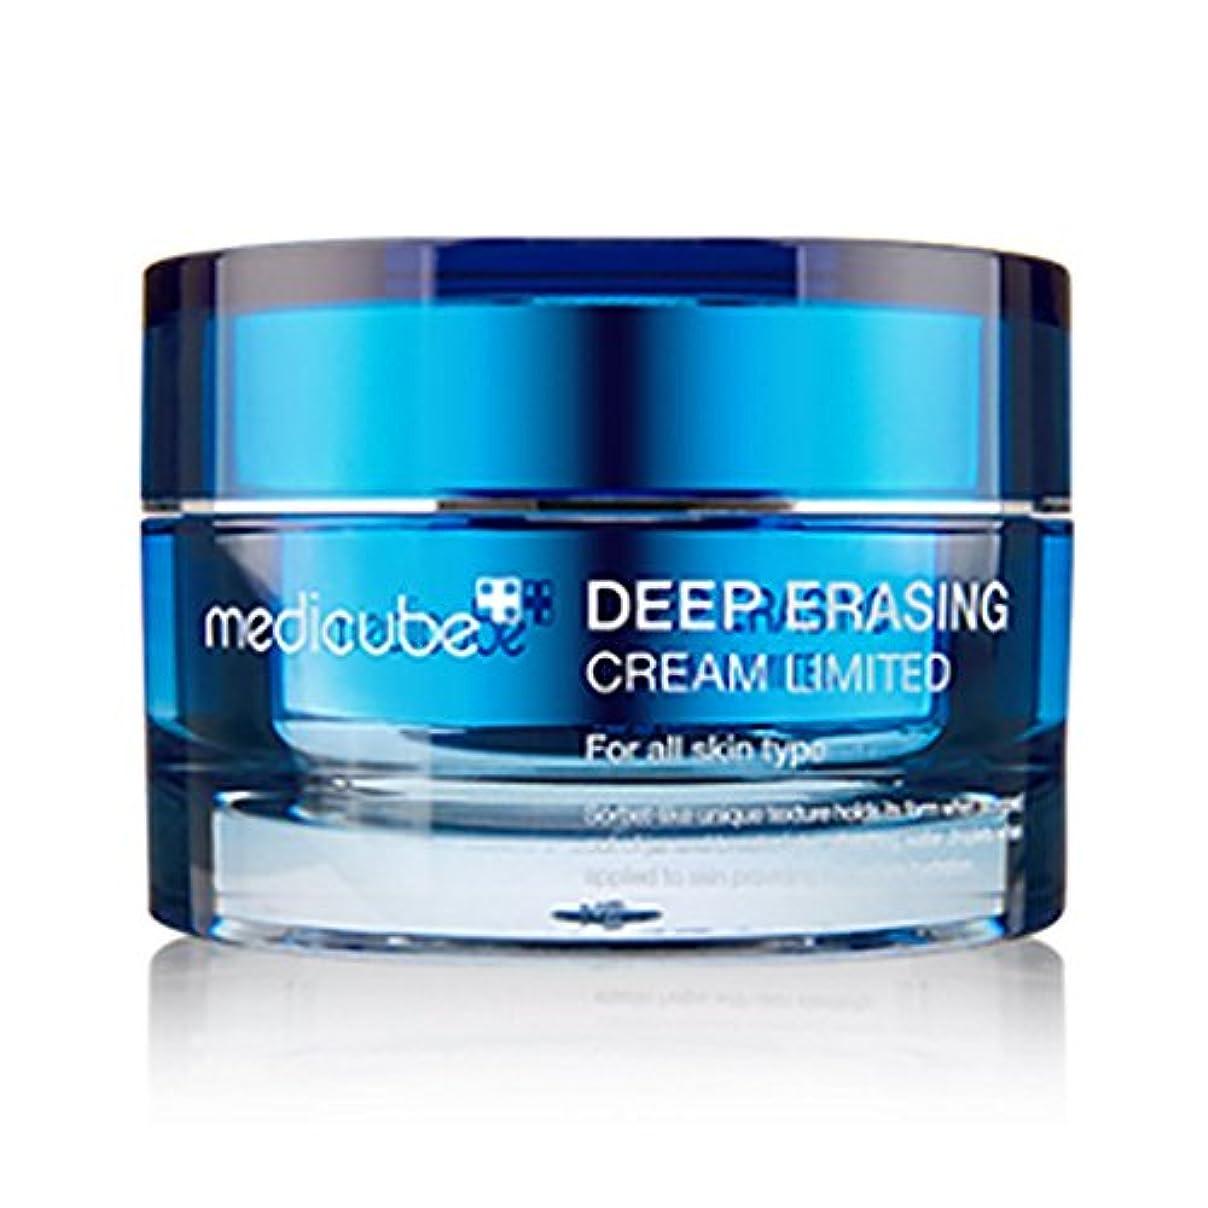 バッフルうなり声レギュラー[メディキューブ]Medicube メディキューブ ディープイレイジングクリームリミテッド 50ml 海外直商品 Summer Limited Blue Deep Erasing Cream 50ml [並行輸入品]